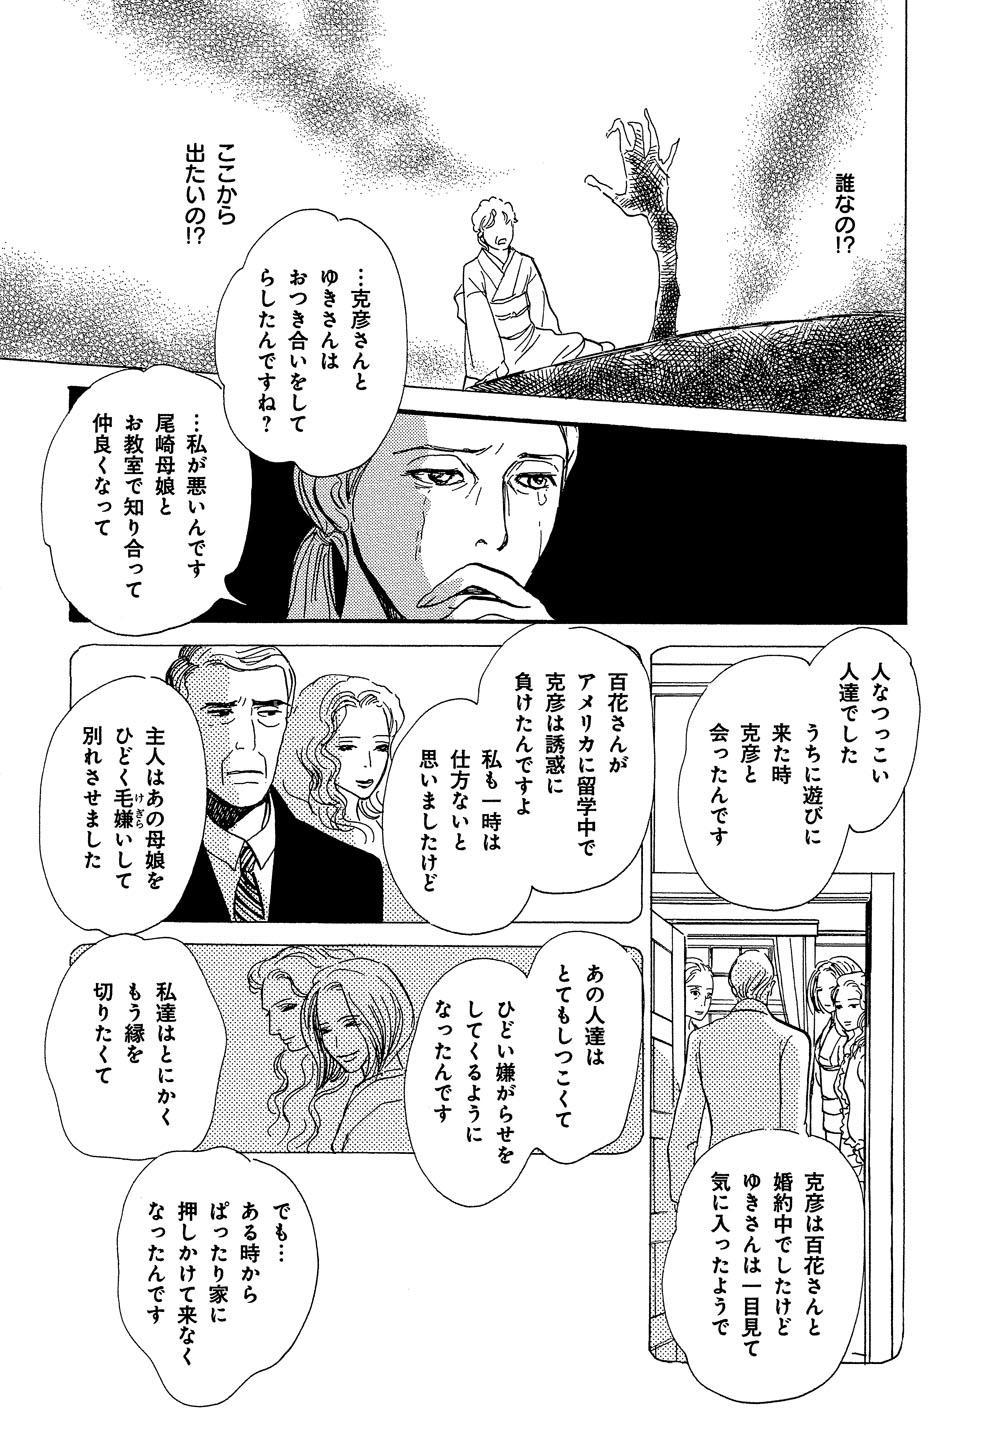 hyakki_0021_0031.jpg